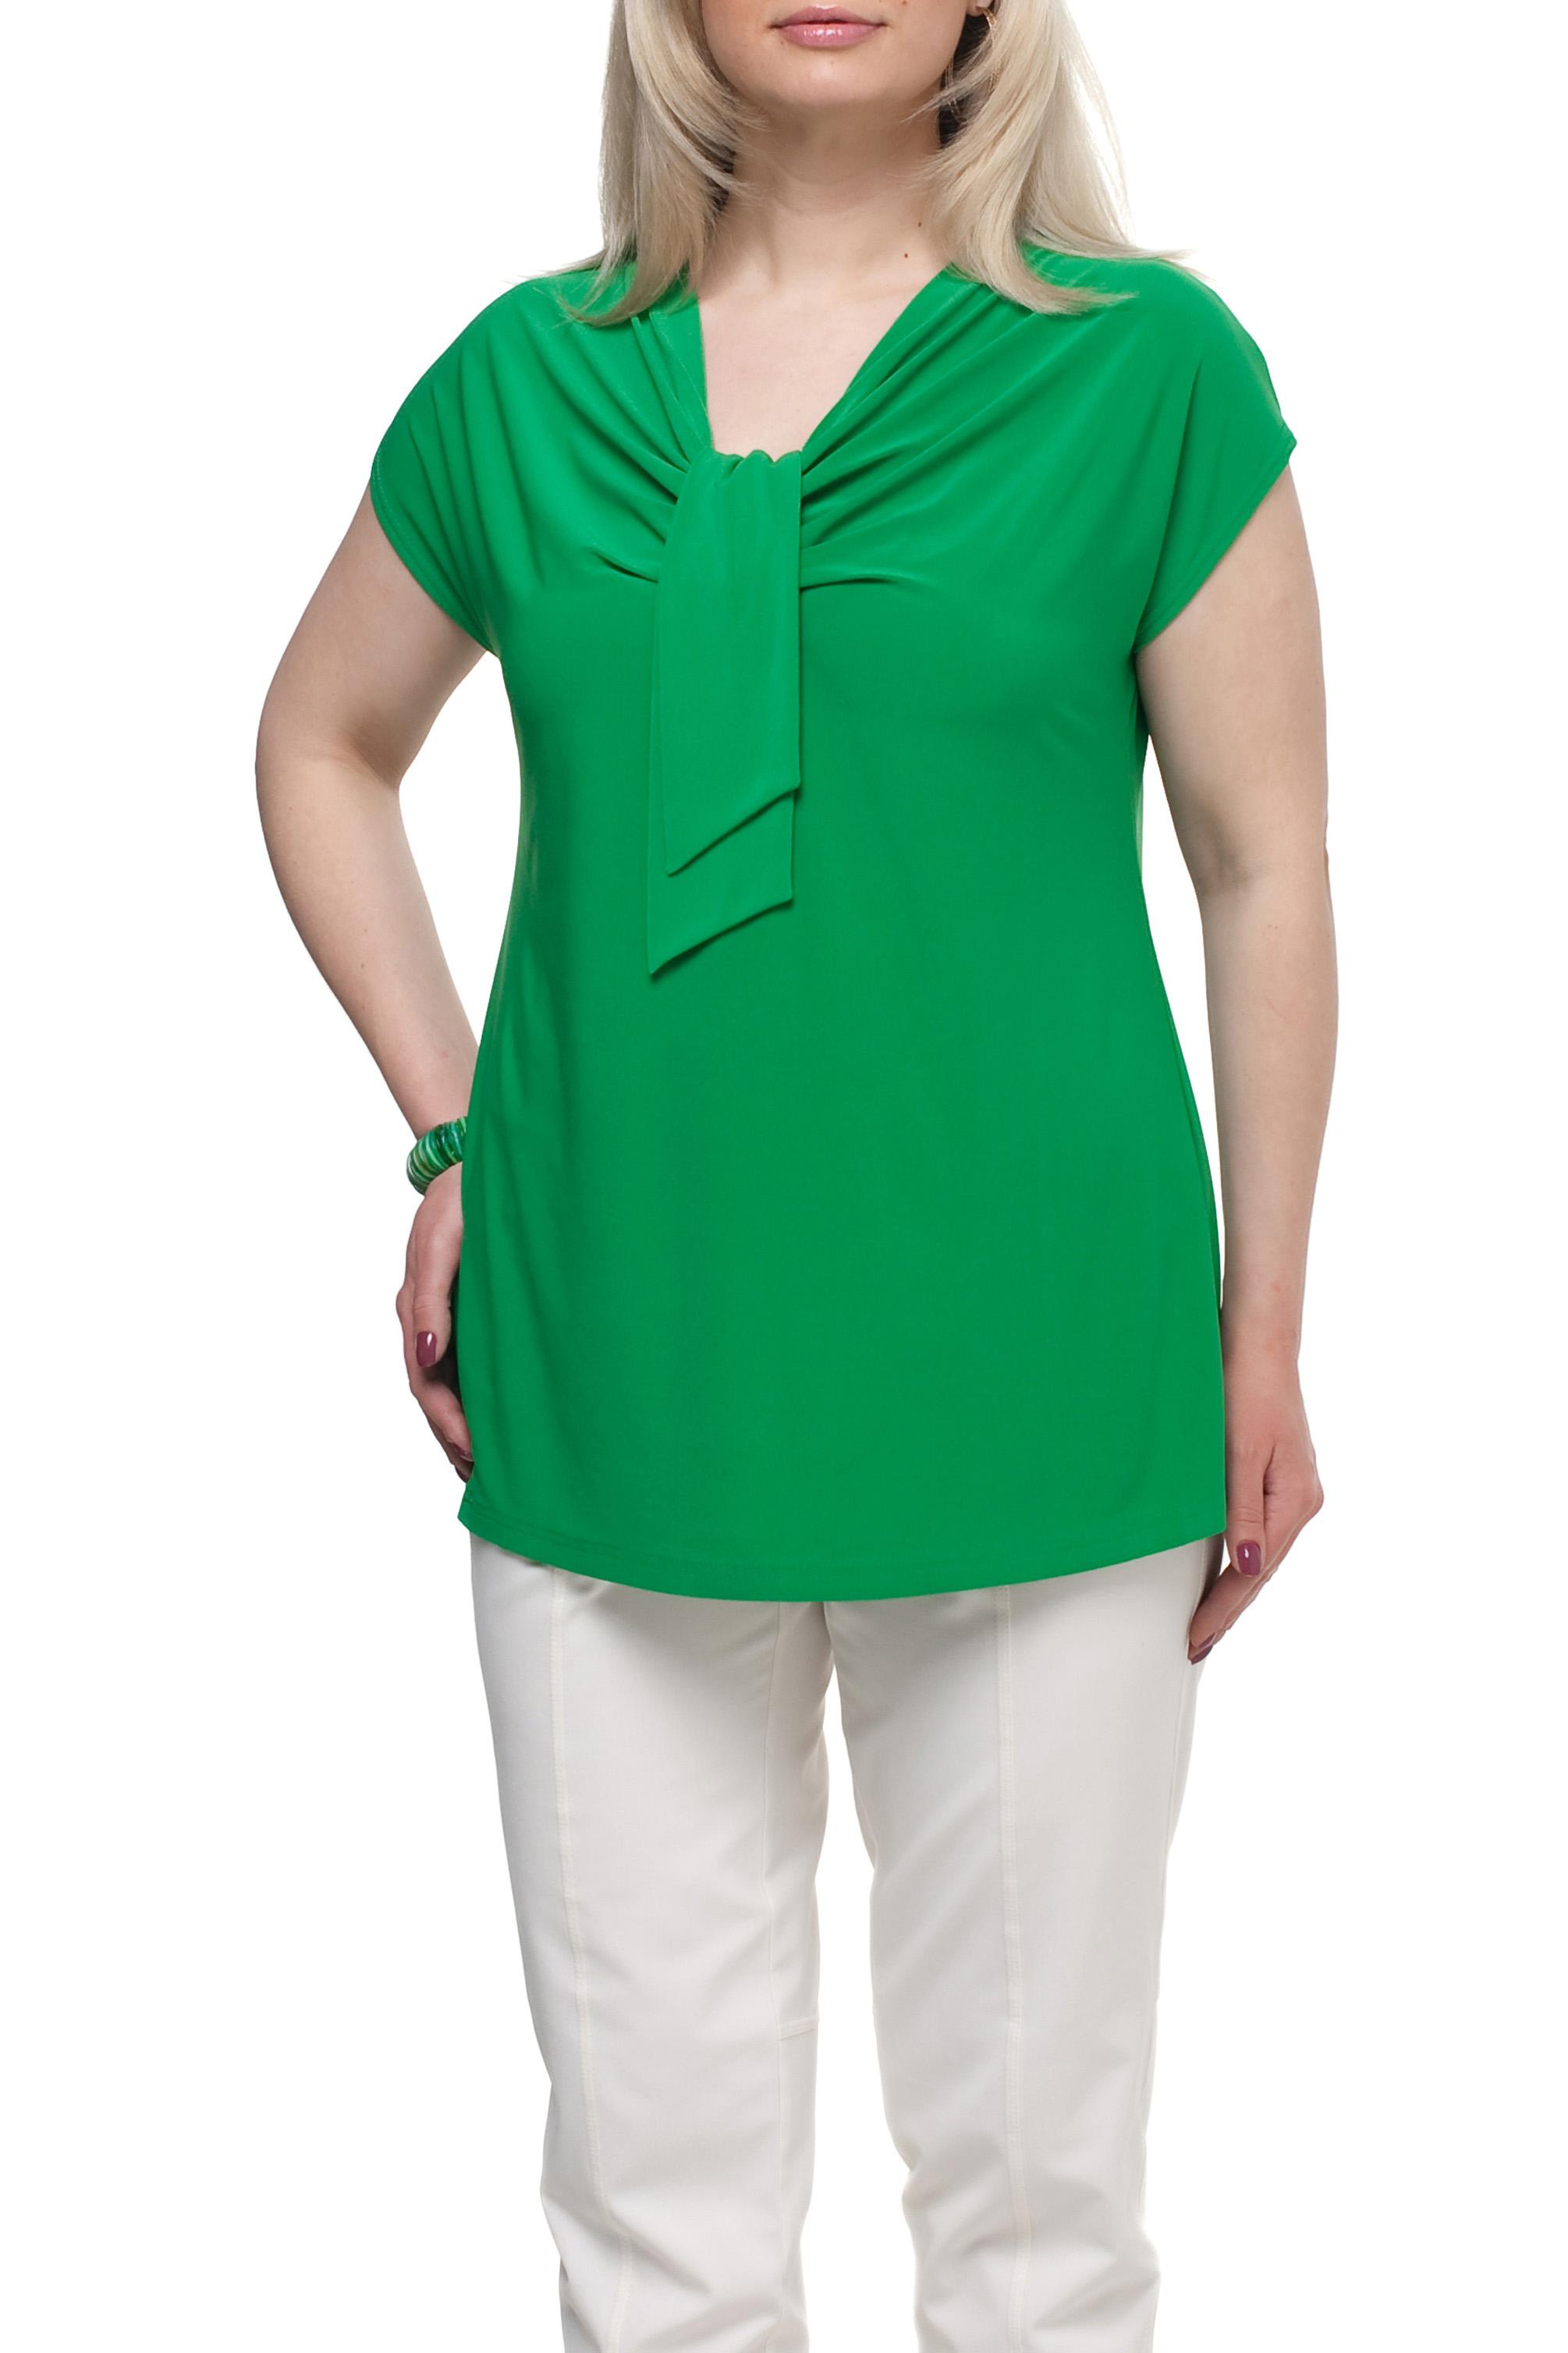 БлузкаБлузки<br>Однотонная женская блузка полуприталенного силуэта с декоративным элементом на груди. Модель выполнена из приятного трикотажа. Отличный выбор для любого случая.  Цвет: зеленый  Рост девушки-фотомодели 173 см<br><br>Горловина: Качель<br>По материалу: Трикотаж<br>По рисунку: Однотонные<br>По сезону: Весна,Зима,Лето,Осень,Всесезон<br>По силуэту: Полуприталенные<br>По стилю: Повседневный стиль<br>По элементам: С декором,Со складками<br>Рукав: Короткий рукав<br>Размер : 66,70,72<br>Материал: Холодное масло<br>Количество в наличии: 4